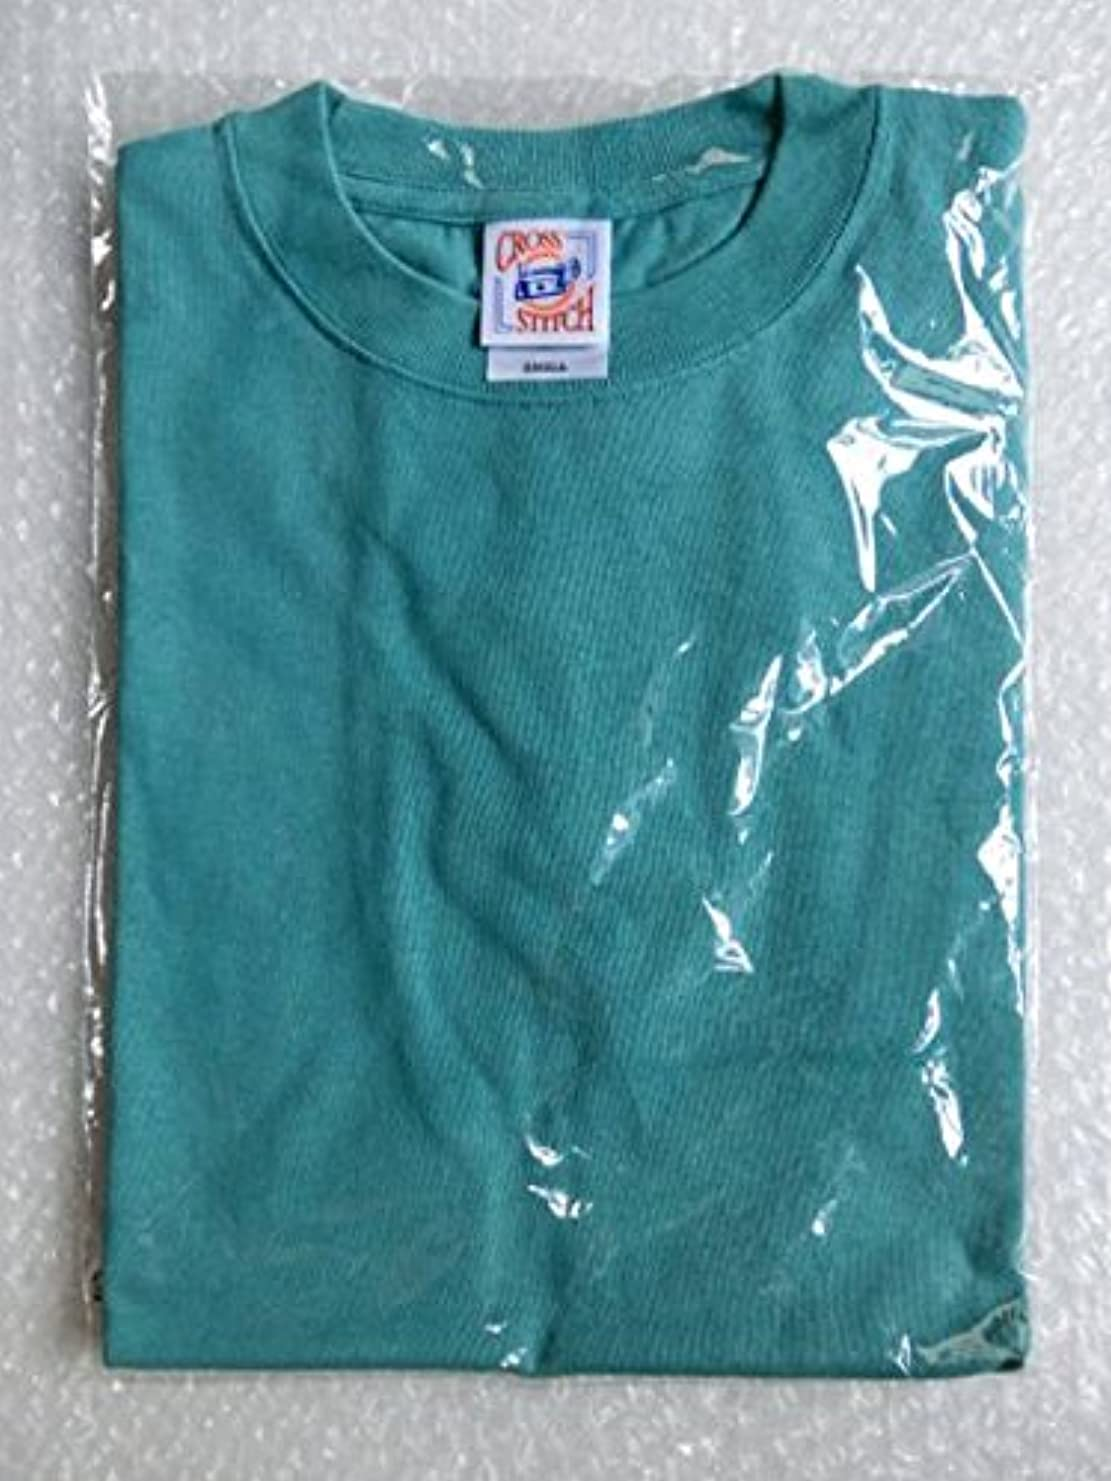 鮫ペフ大騒ぎPerfume パフューム 2008年 夏Tシャツ オーシャン Sサイズ